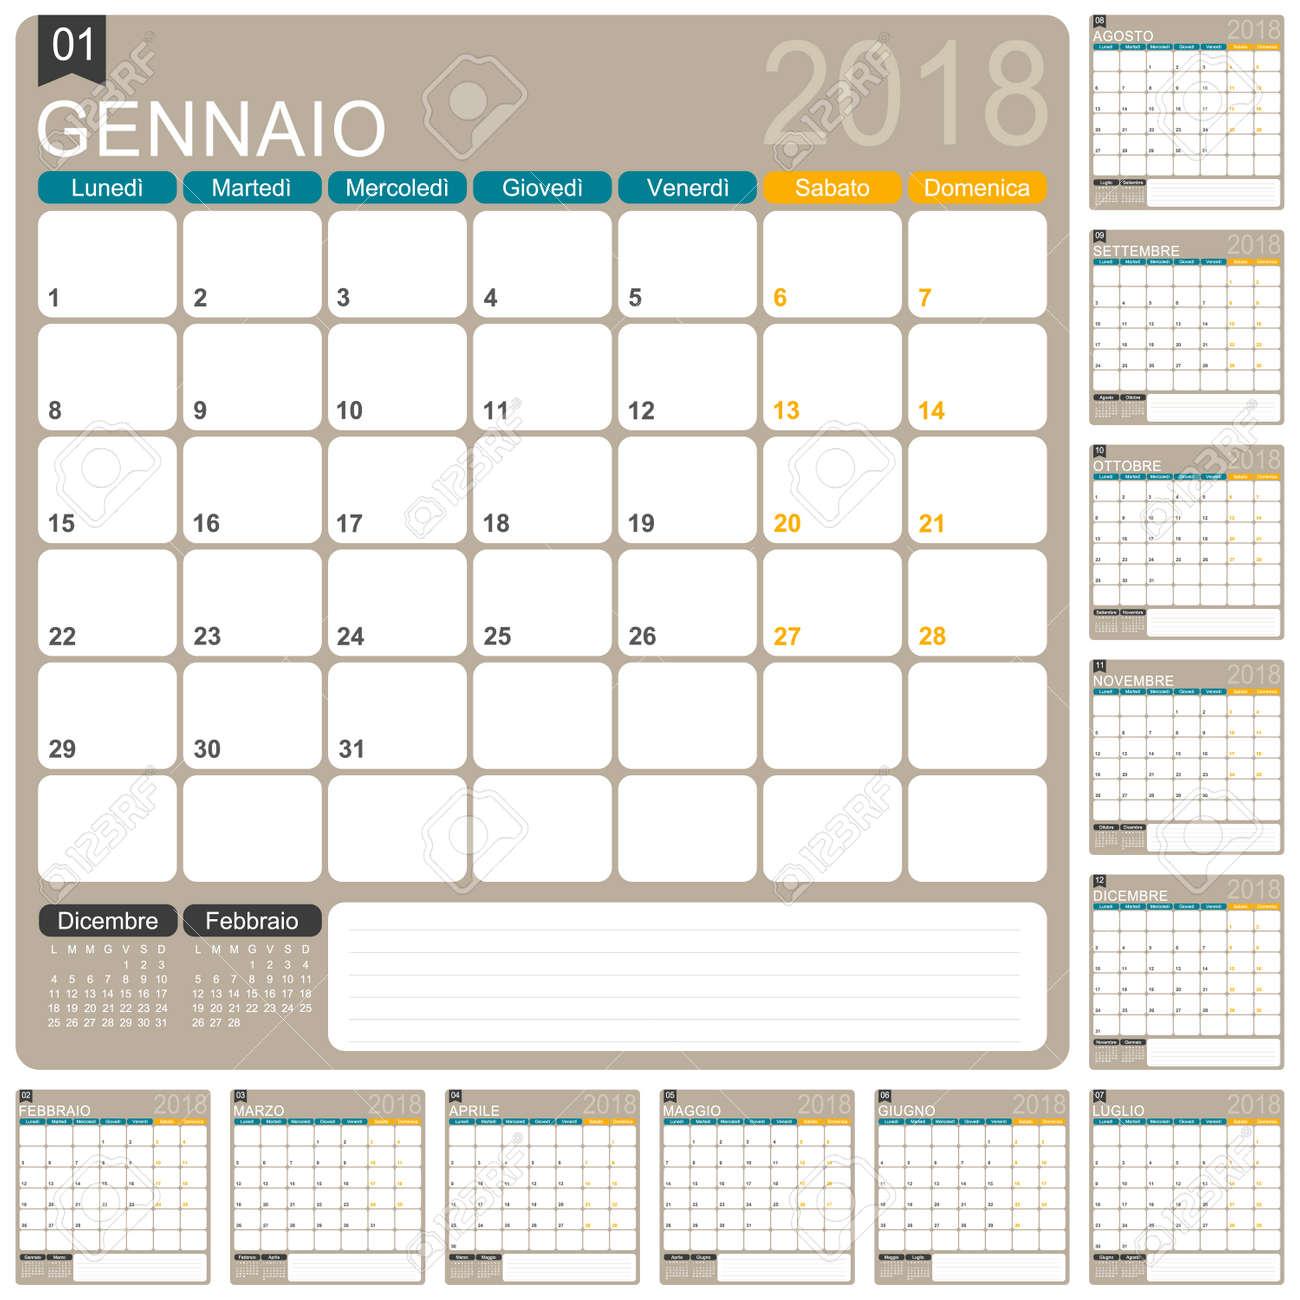 Ausgezeichnet Eine Woche Kalendervorlage Fotos - Entry Level Resume ...